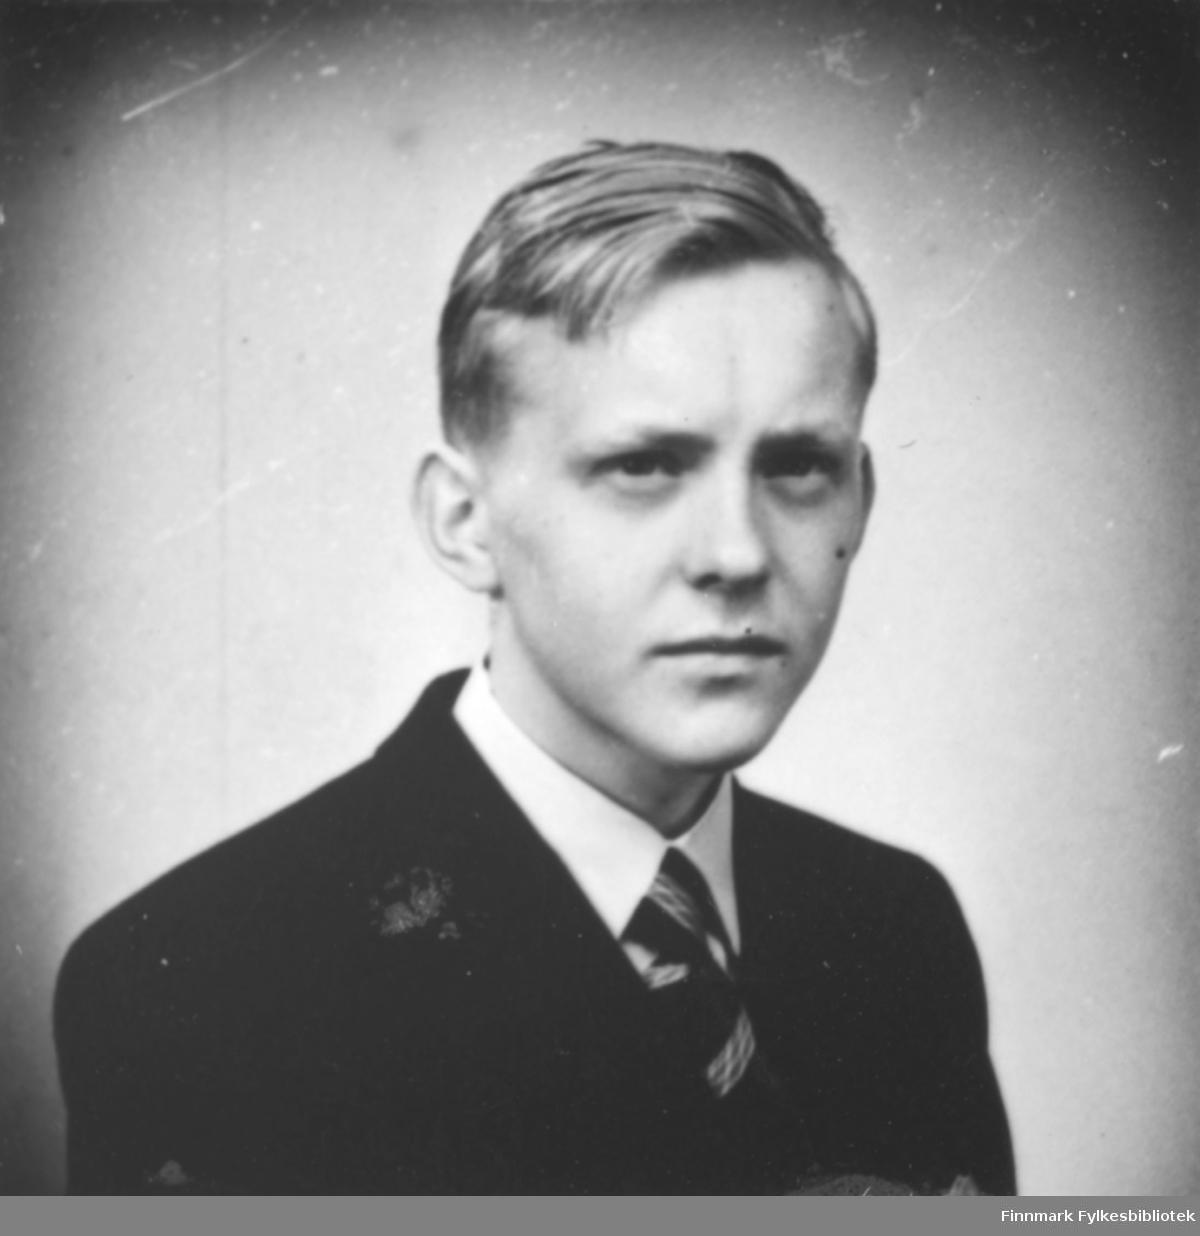 Portrett av Per Vibe Jacobsen f. 1932 i Bergen. Sønn av August Magnus Jacobsen og sønnesønn til smedmester i Vardø Ole Sigfrid og hustru Anna Christine Jacobsen. På bildet er han kledt i mørk jakke og hvit skjorte. I halsen har han et slips